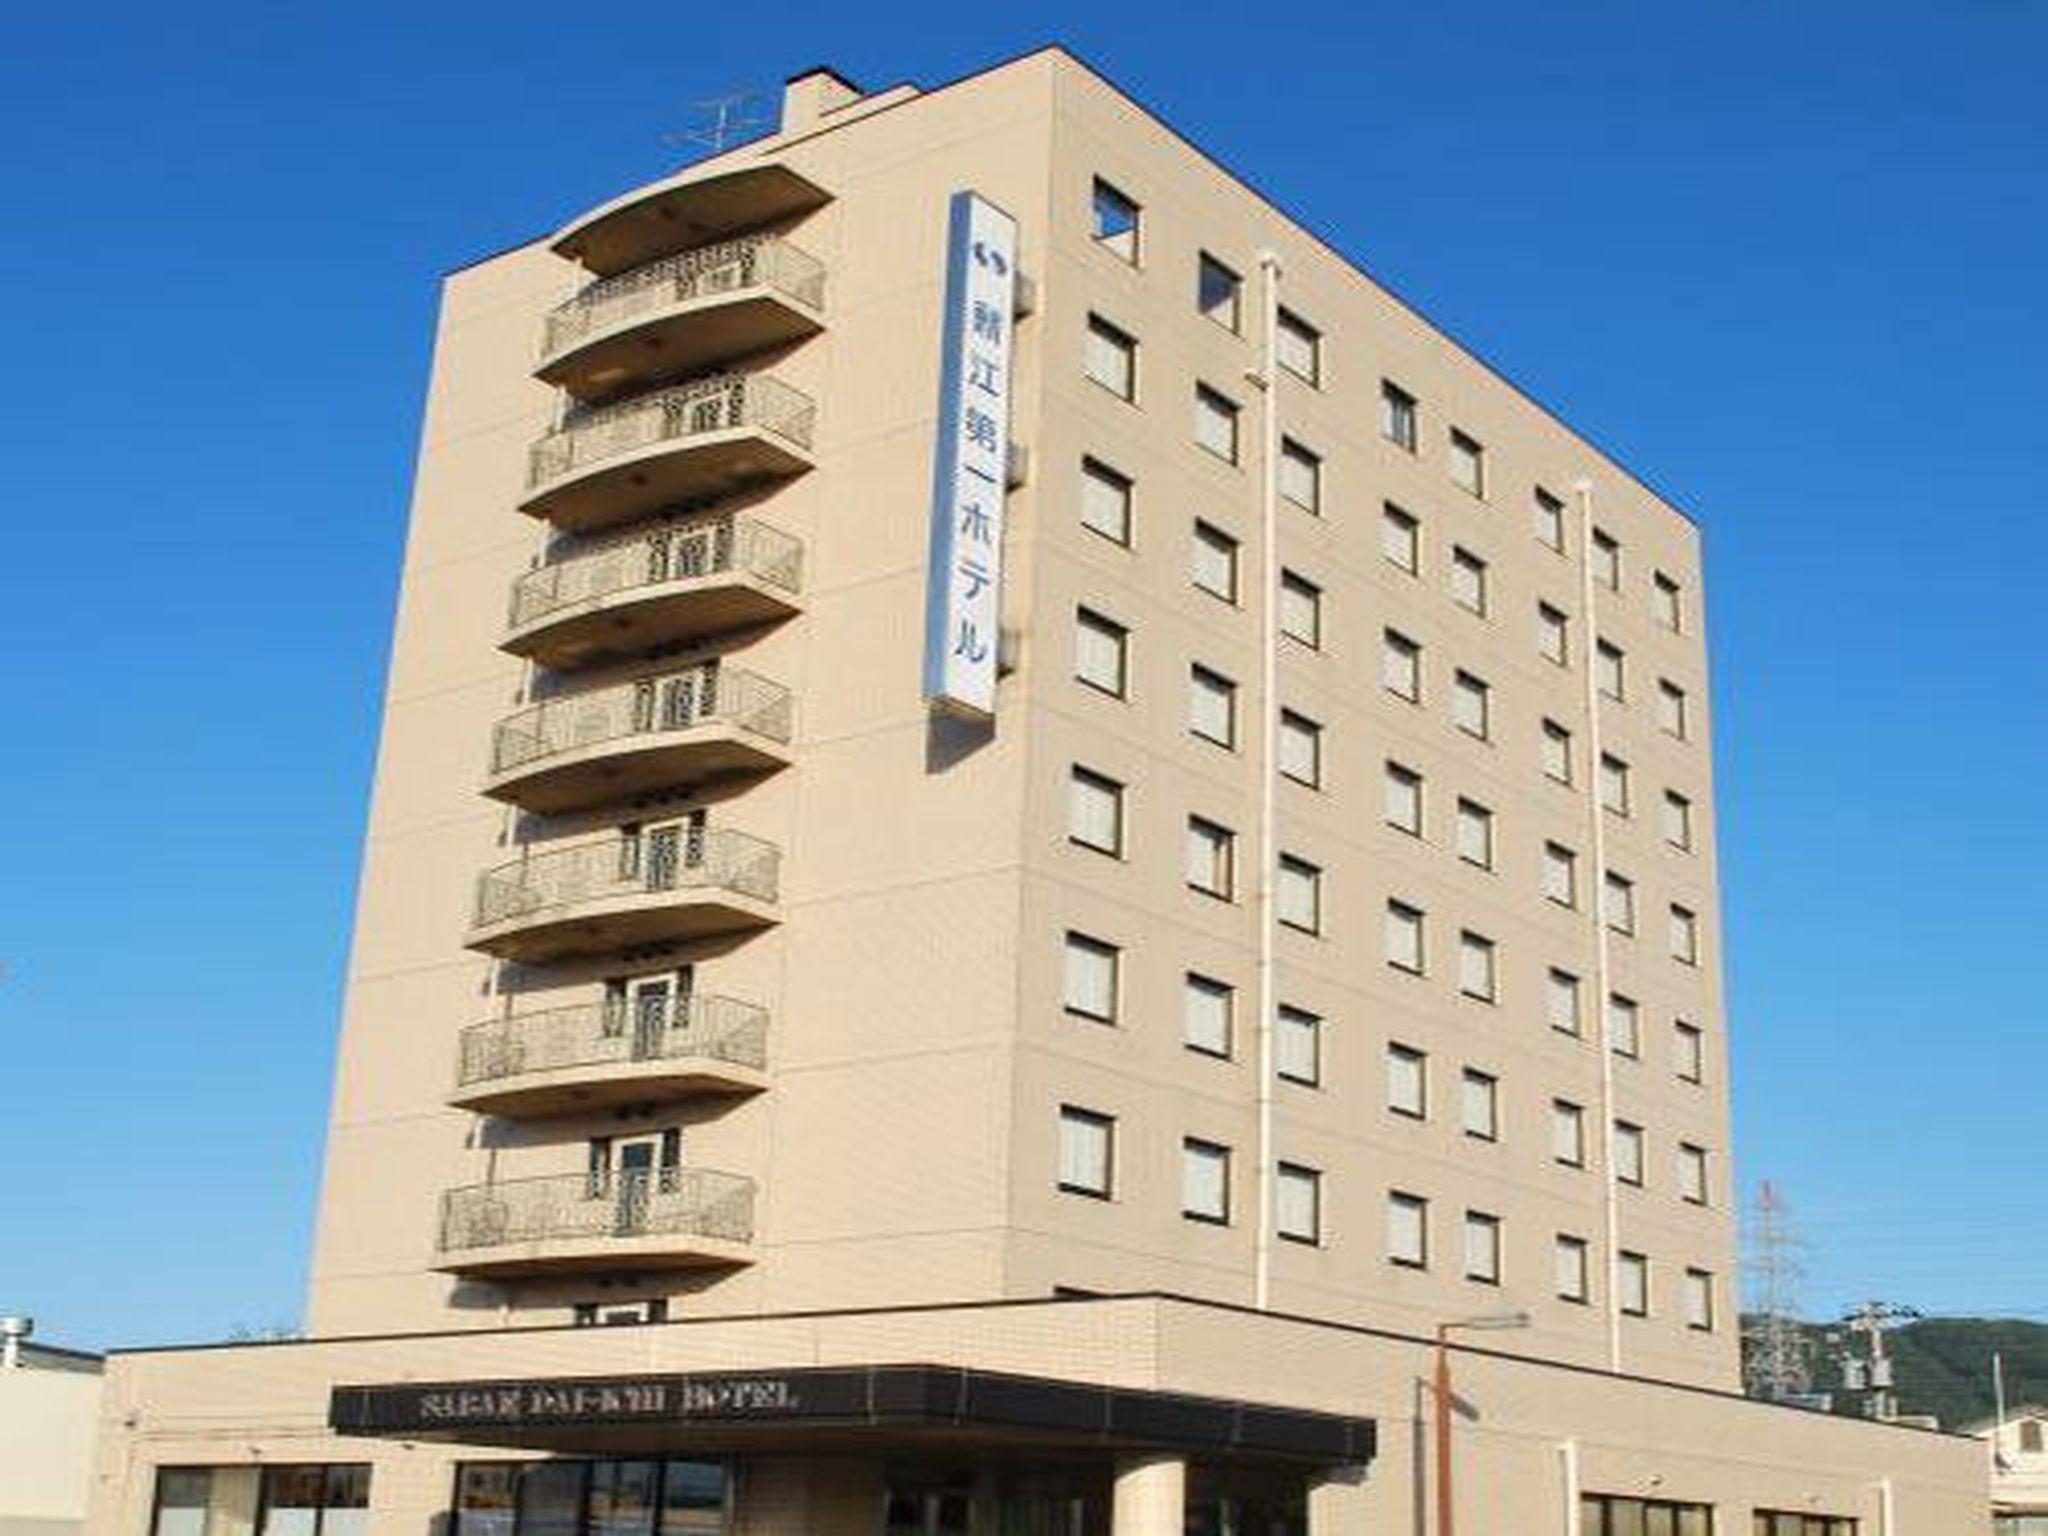 鯖江第一酒店 Sabae Dai ichi Hotel